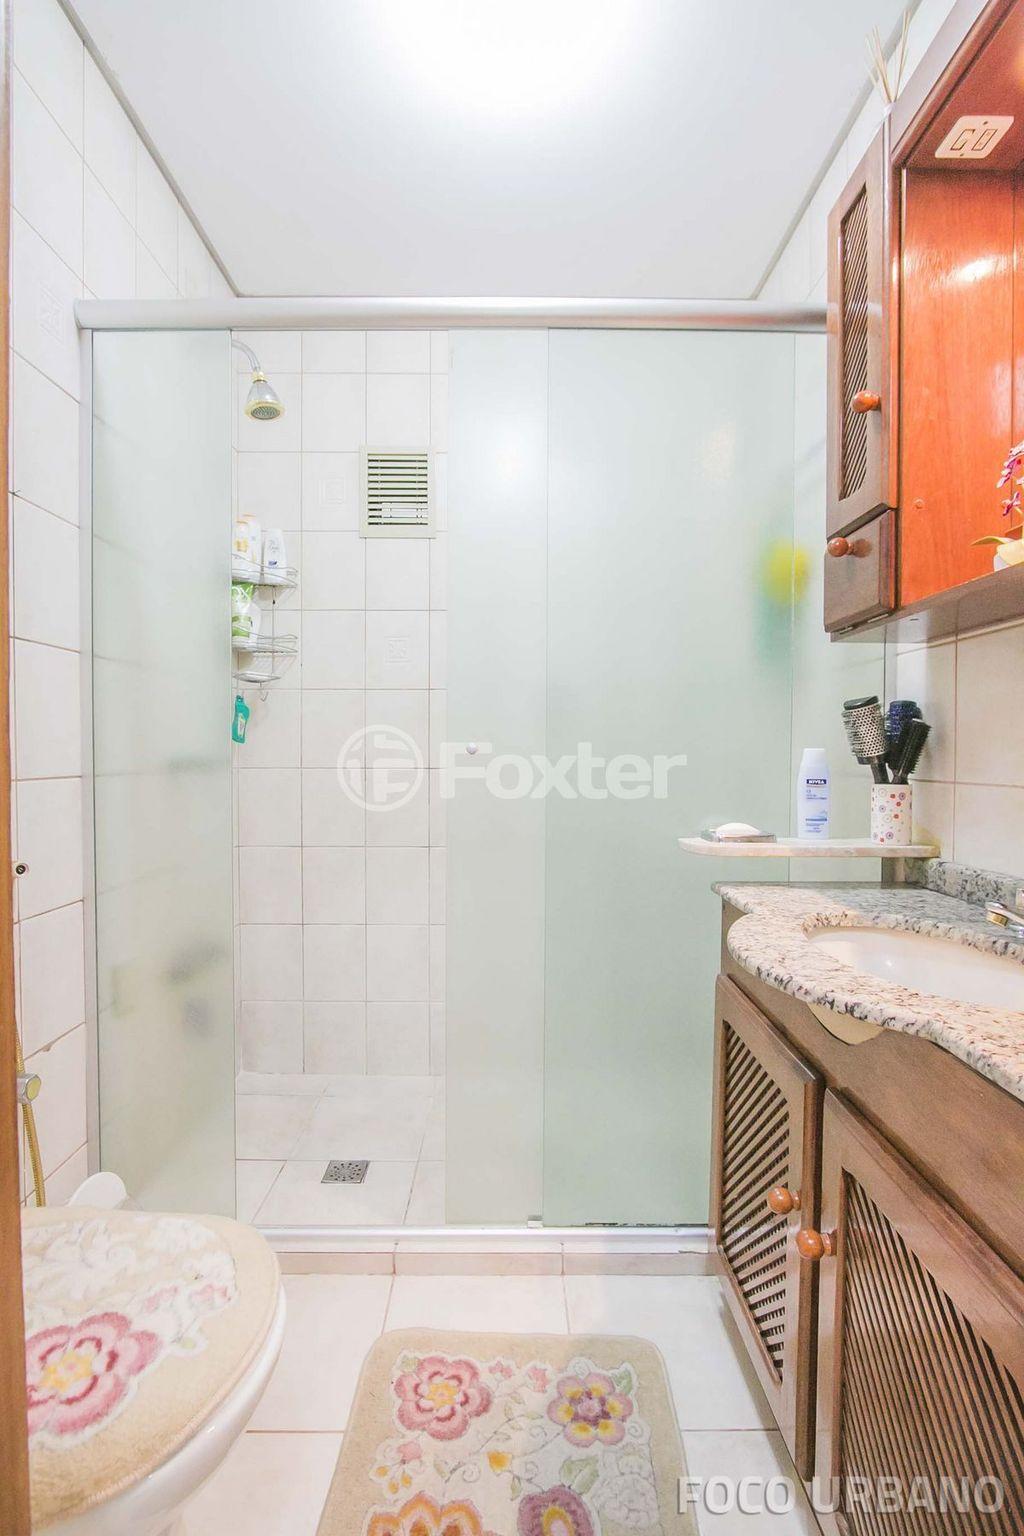 Foxter Imobiliária - Cobertura 4 Dorm (145795) - Foto 16